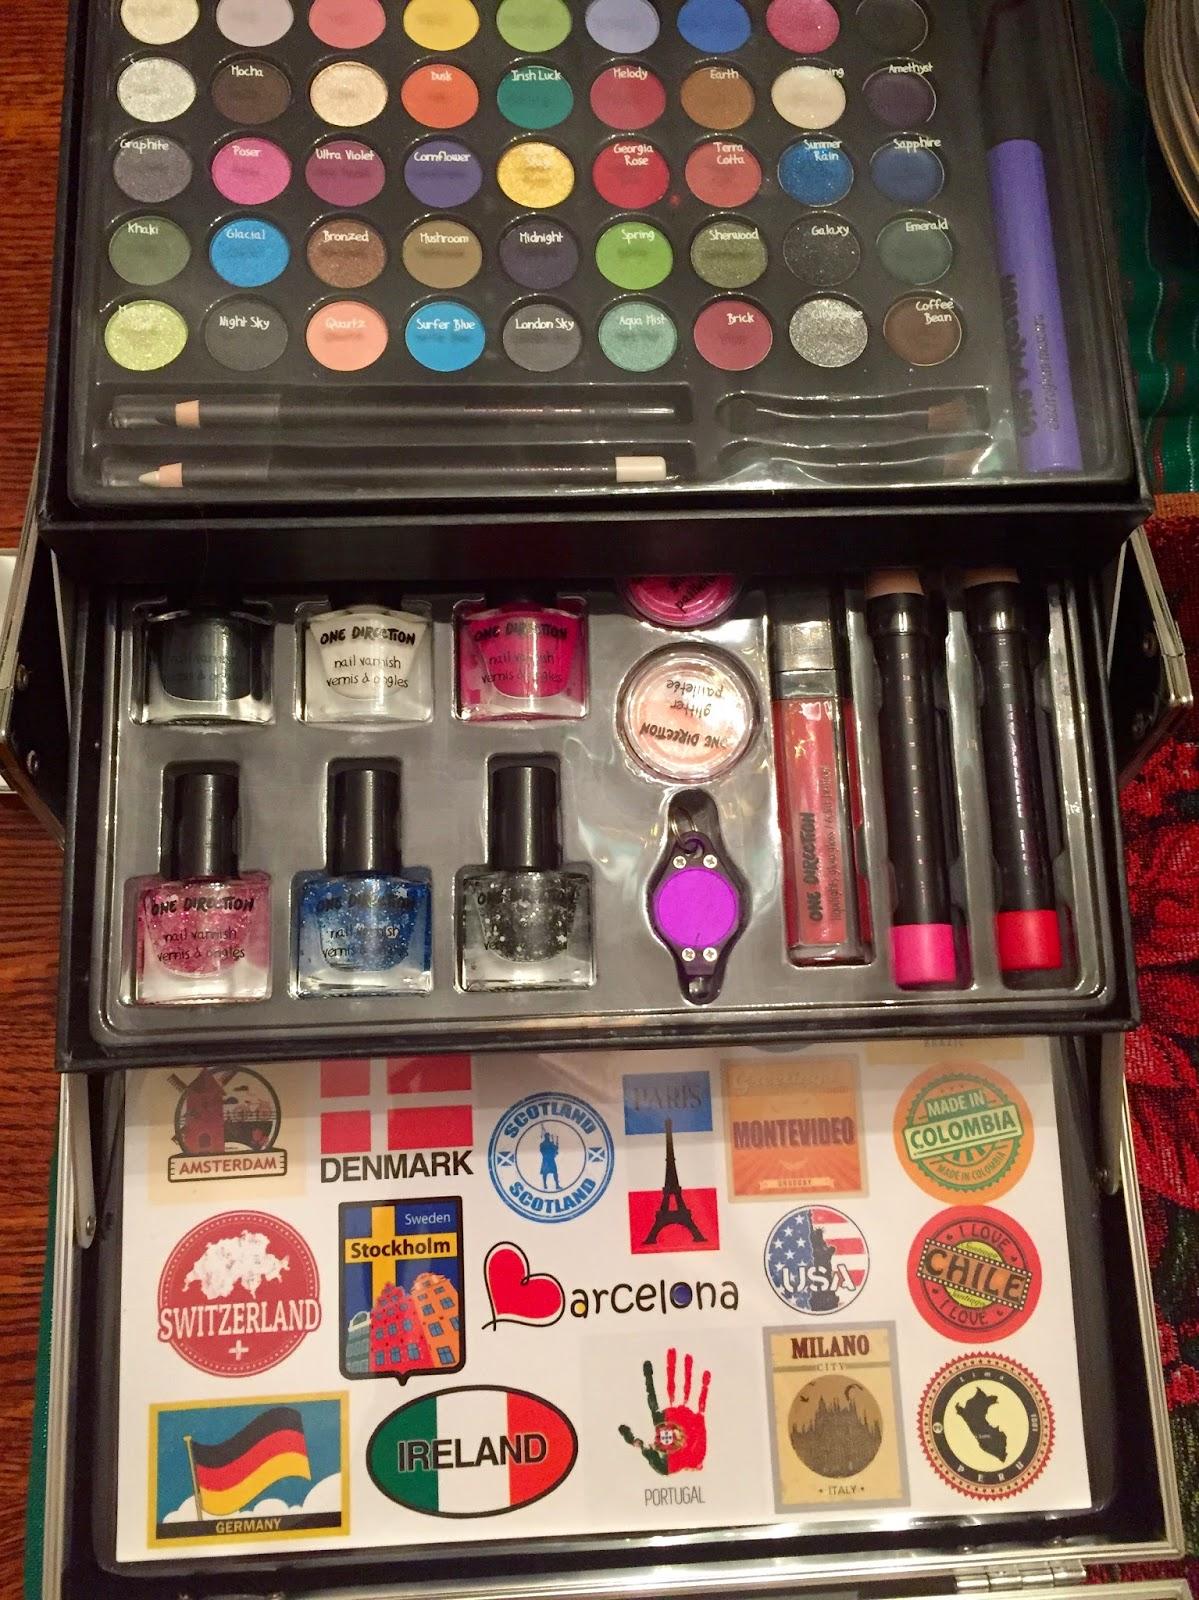 tour-case-1-d-makeup